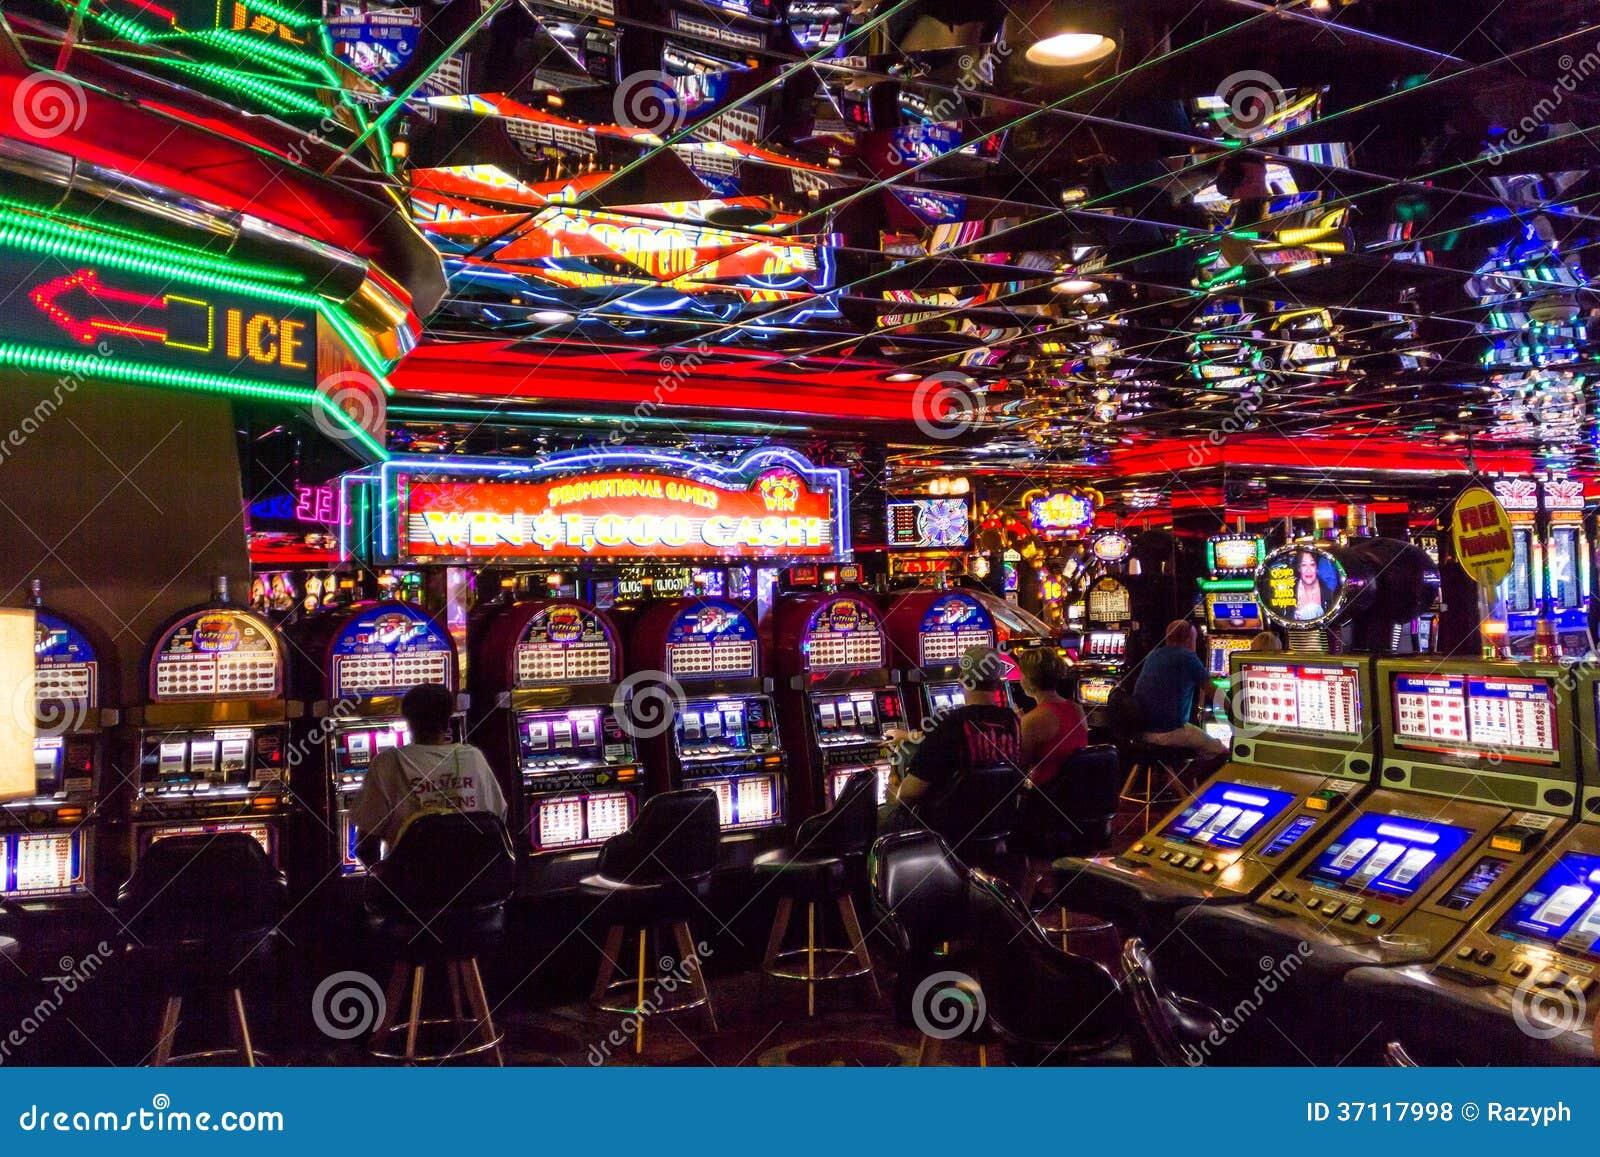 Casino royale hotel in vegas problemi con zynga poker su facebook